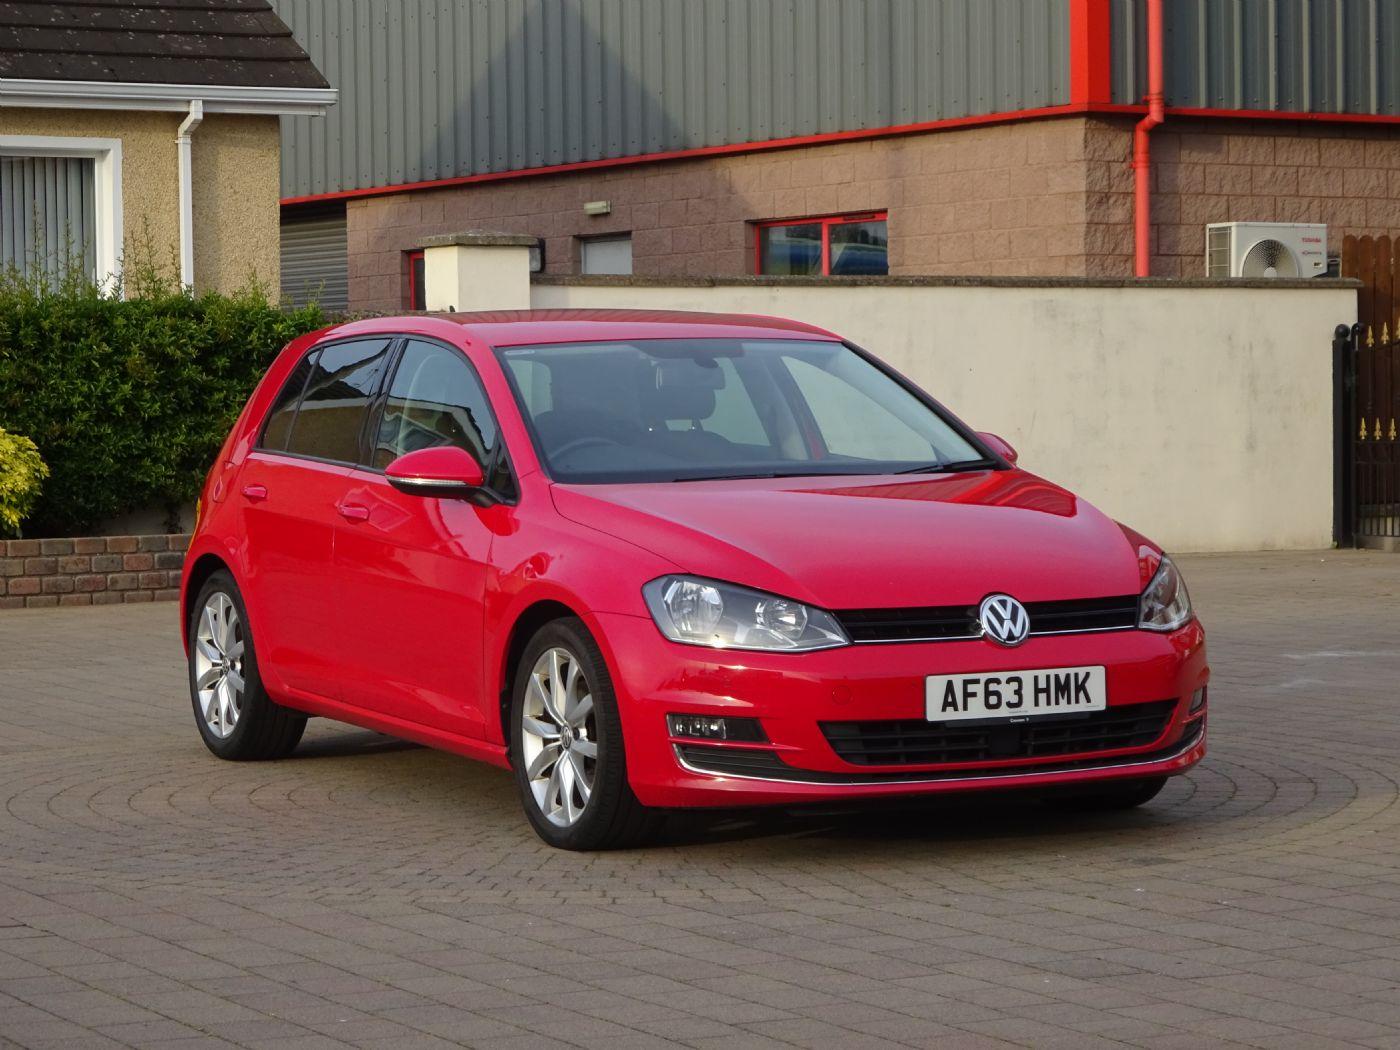 Volkswagen Golf 2.0 GT TDI Bluemotion  Tech, £20 Road tax, Sat nav